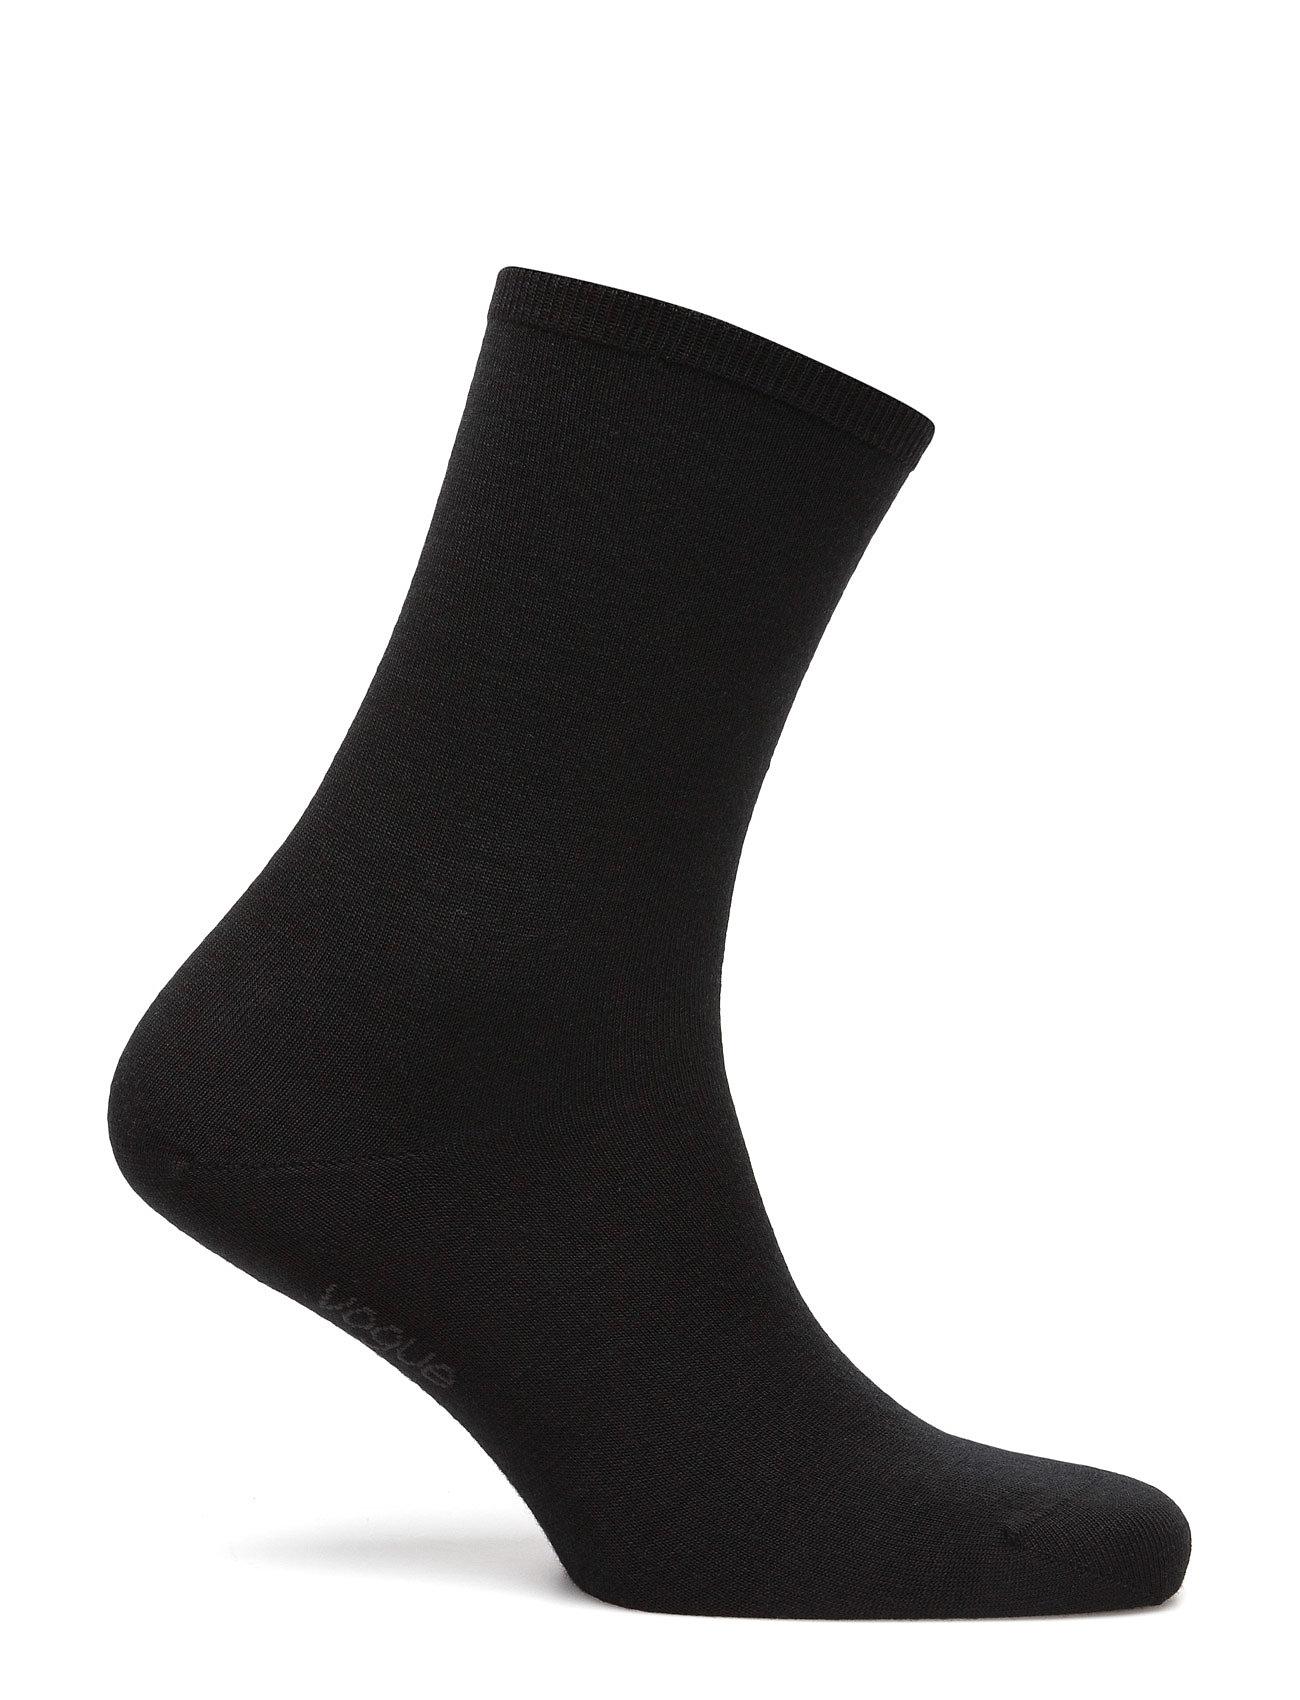 Wool Merino AnklesockPlain SocksblackVogue Ladies SocksblackVogue AnklesockPlain Ladies Merino Ladies Wool AnklesockPlain Merino SUzpVqGM